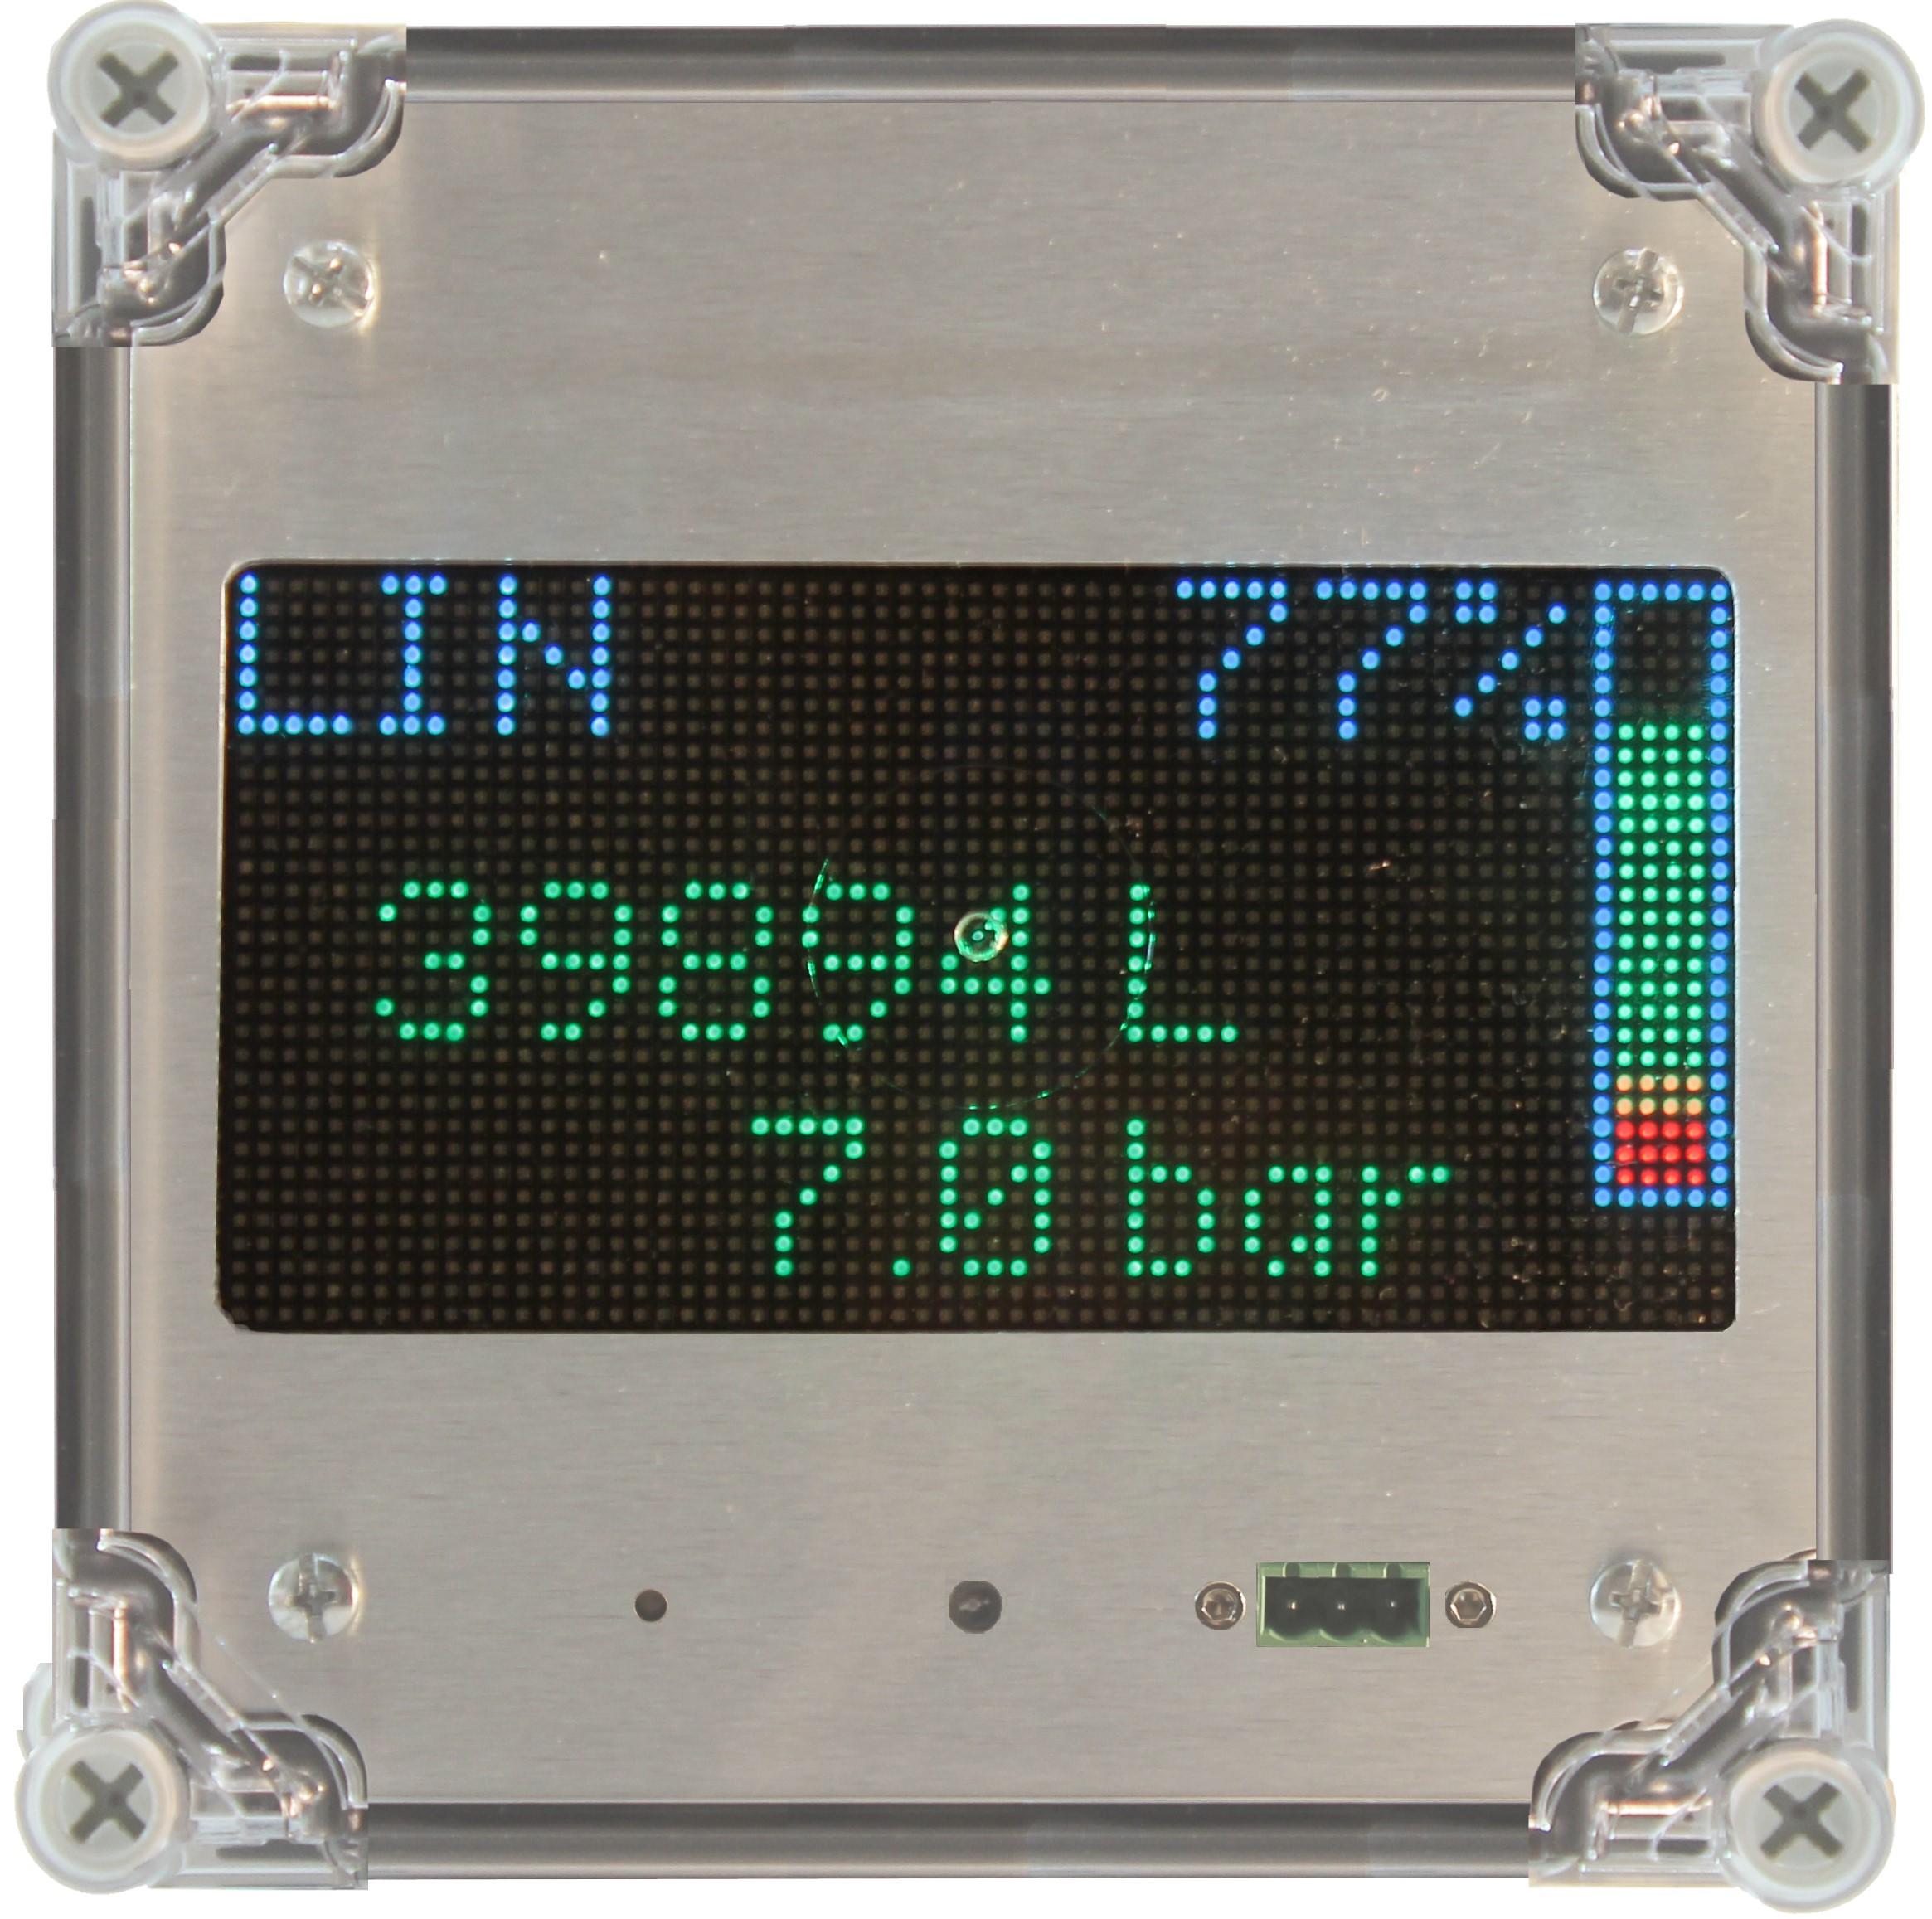 LiquiScale Füllstandsmessgerät für kryogene Gase